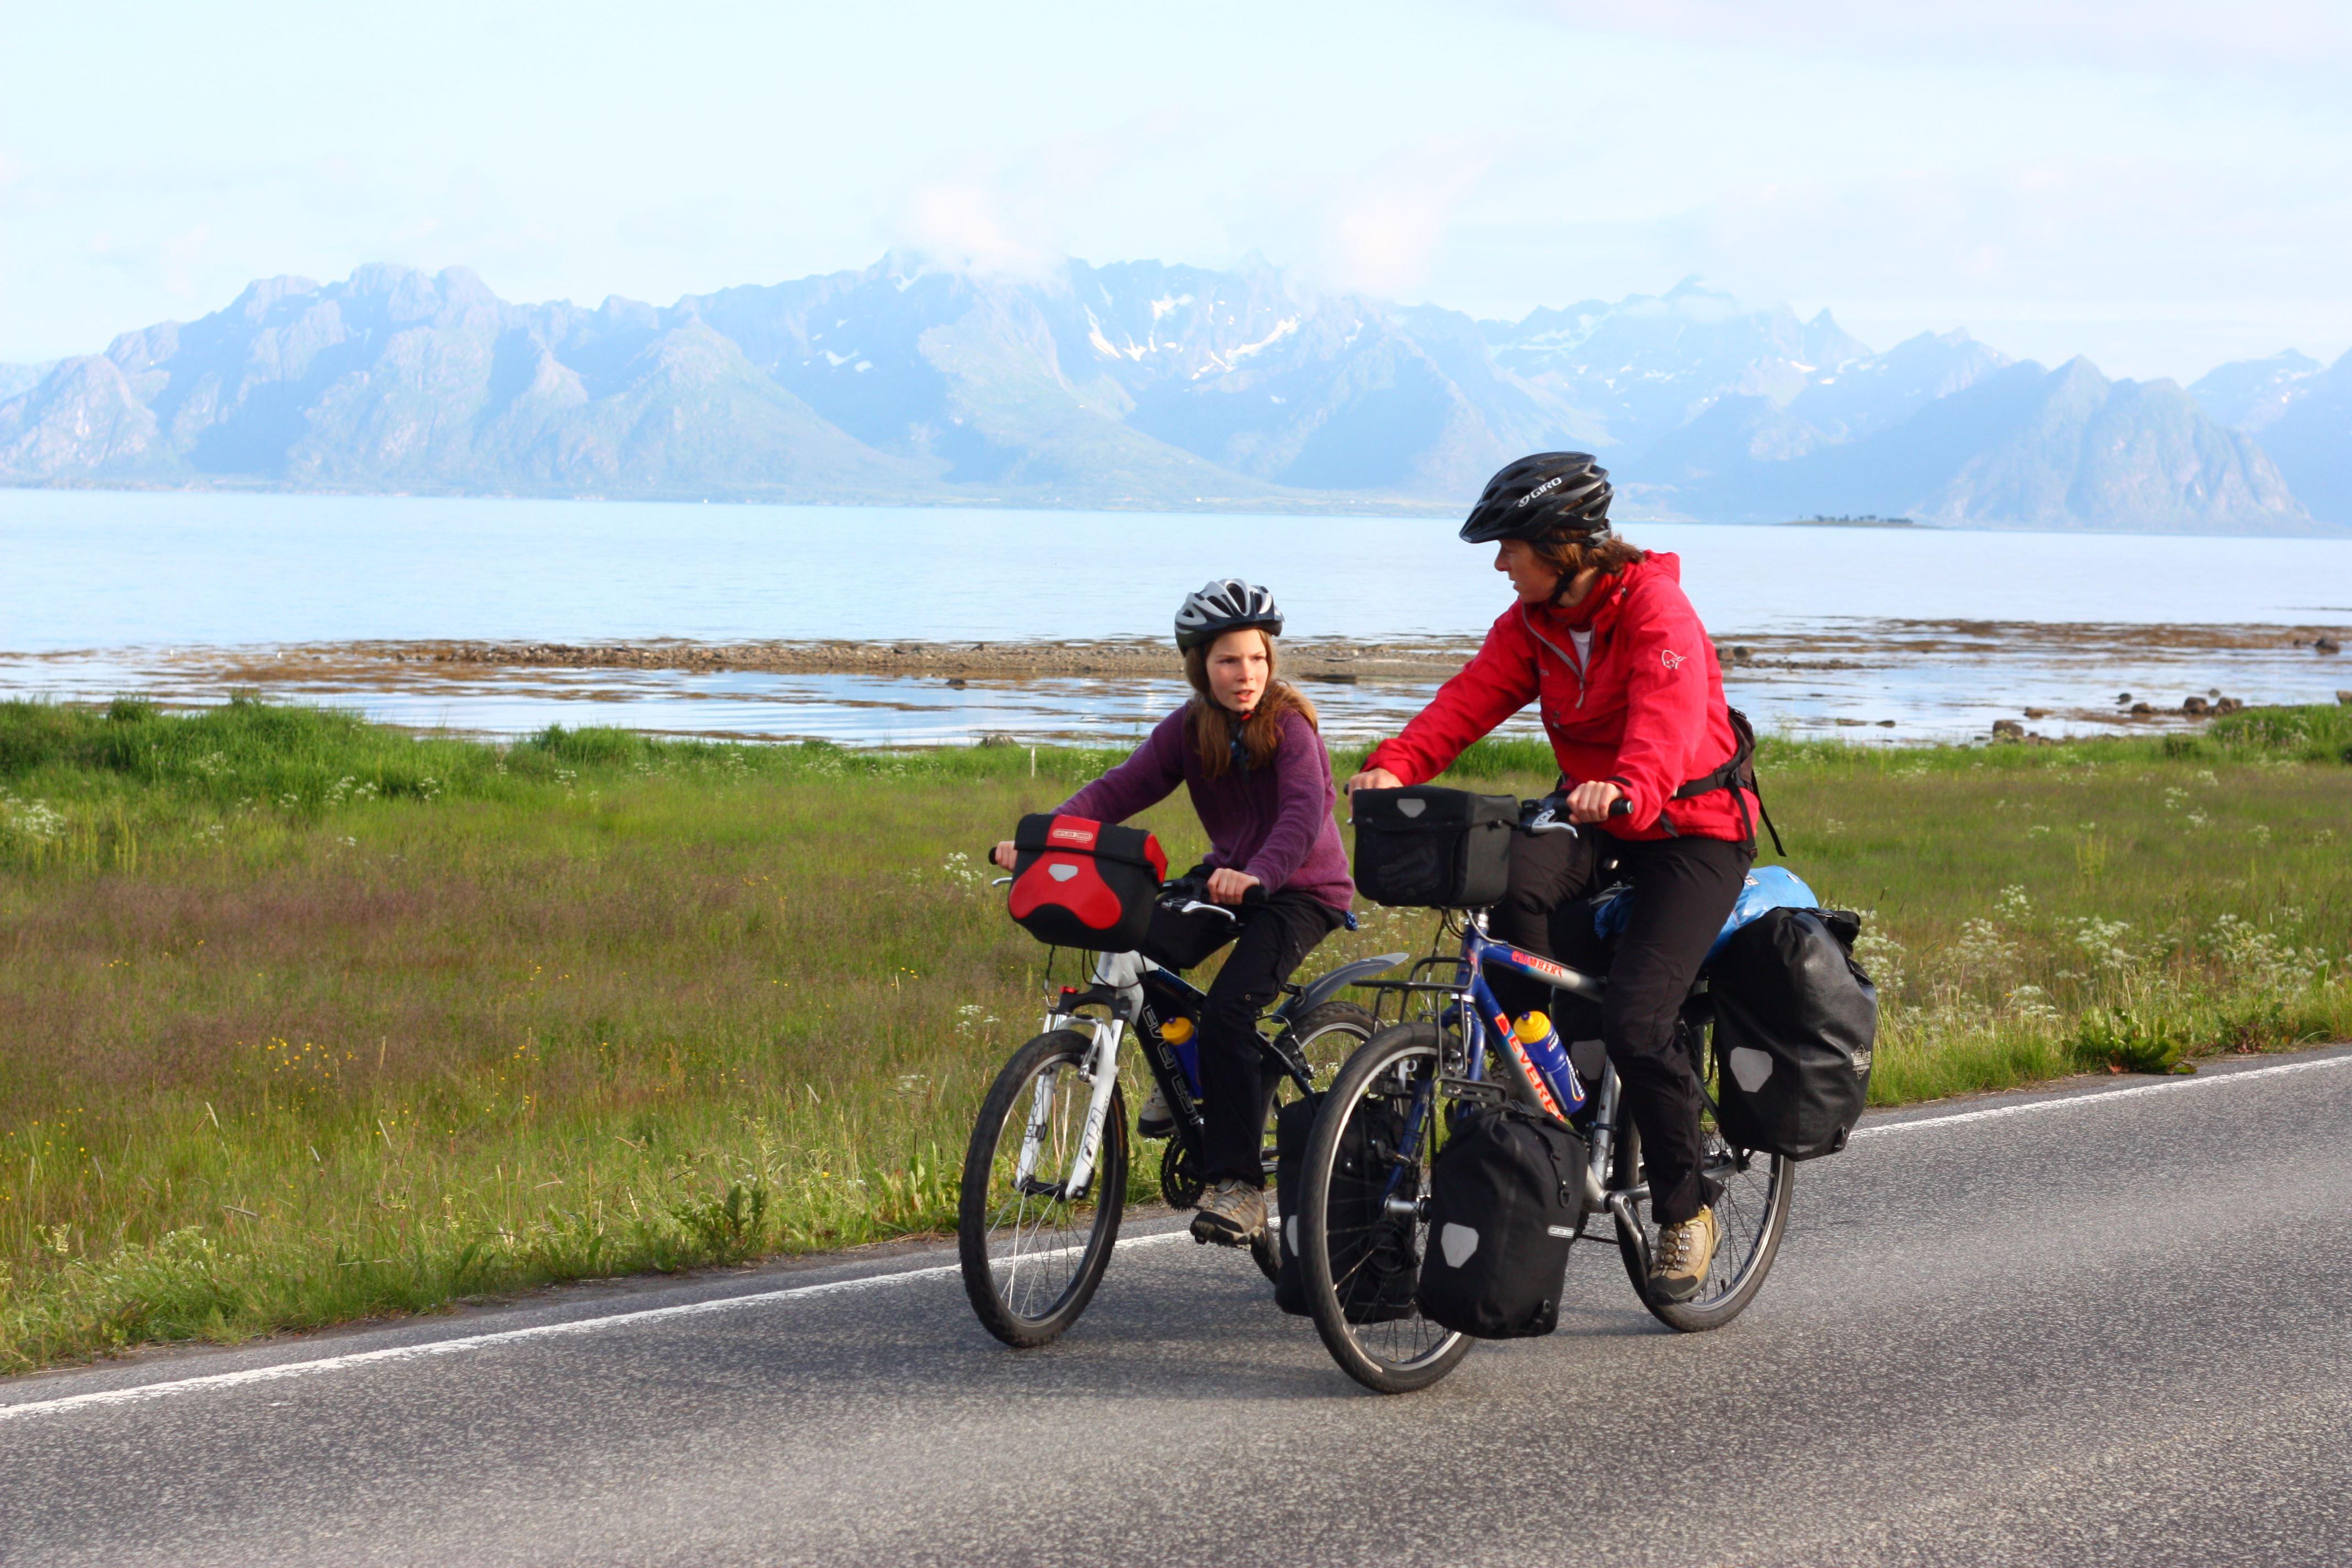 Øyvind Wold,  © www.visitvesteralen.com, Fahrradfahren auf Vesterålen